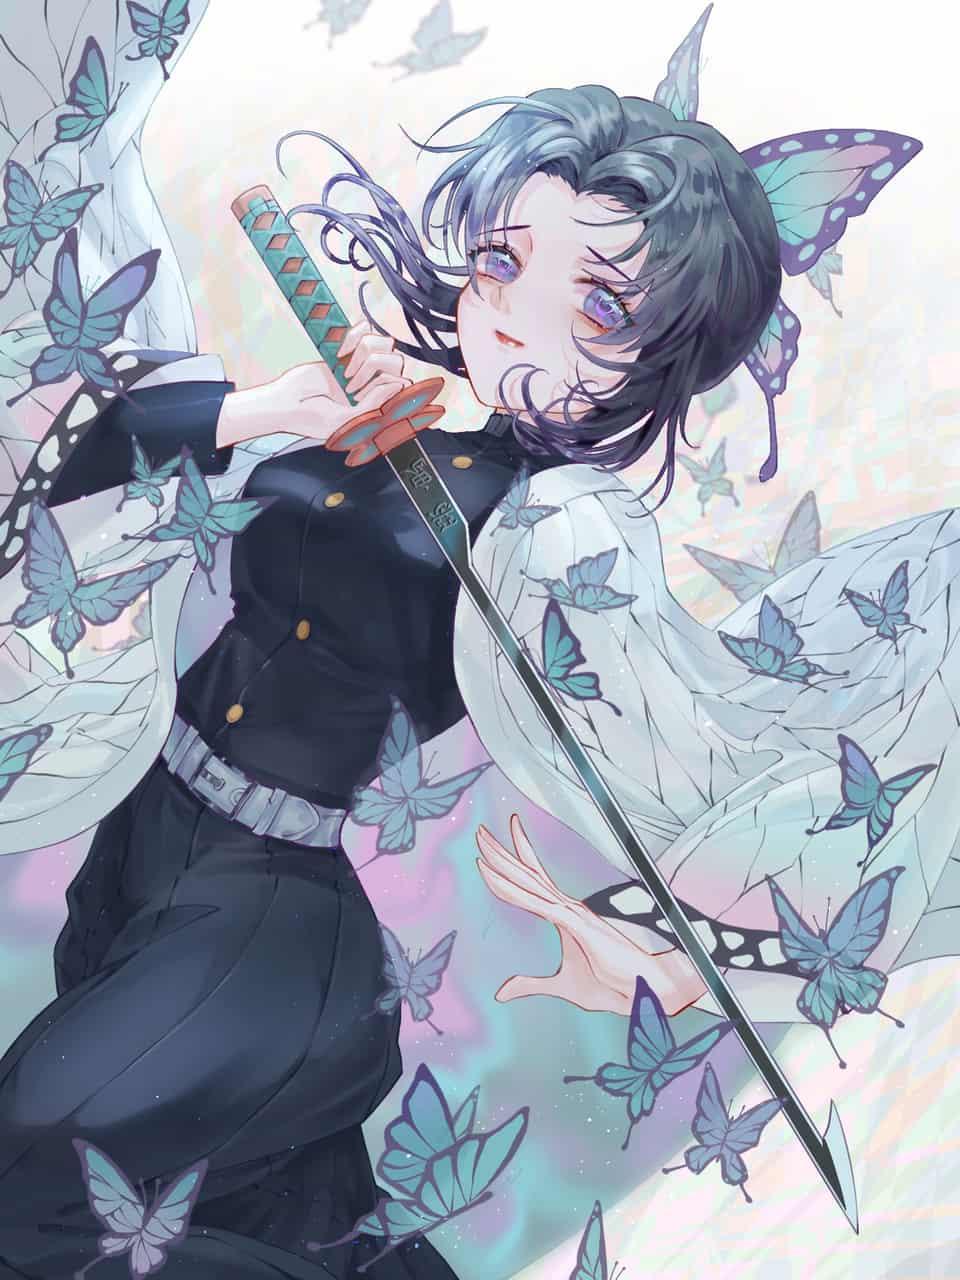 蝴蝶忍 Illust of haru DemonSlayerFanartContest KimetsunoYaiba KochouShinobu